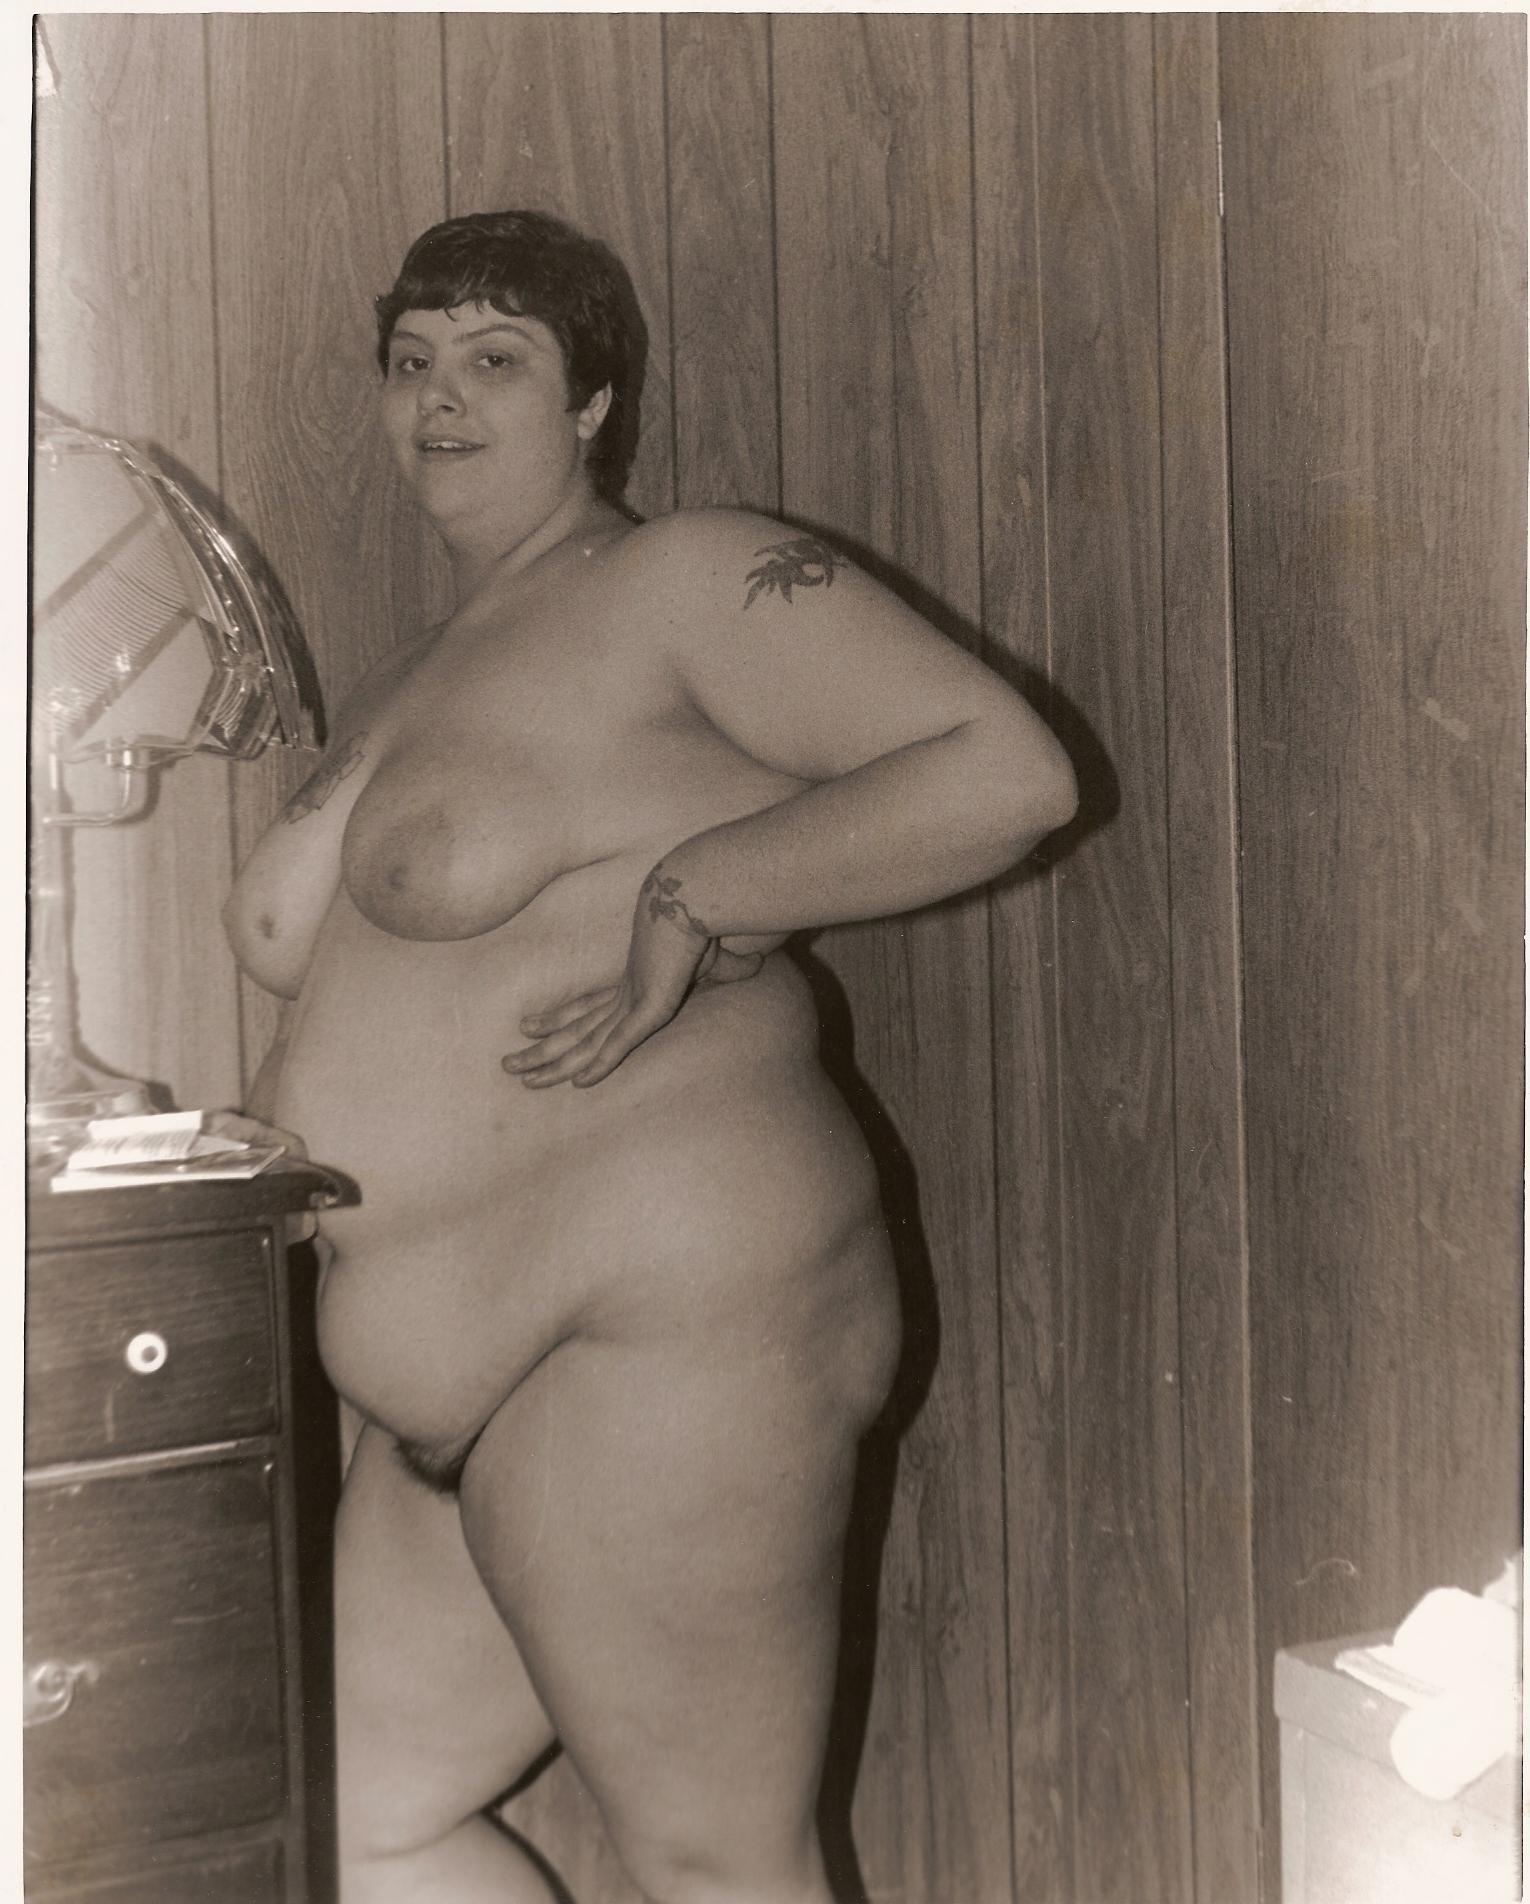 Losing my towel nude